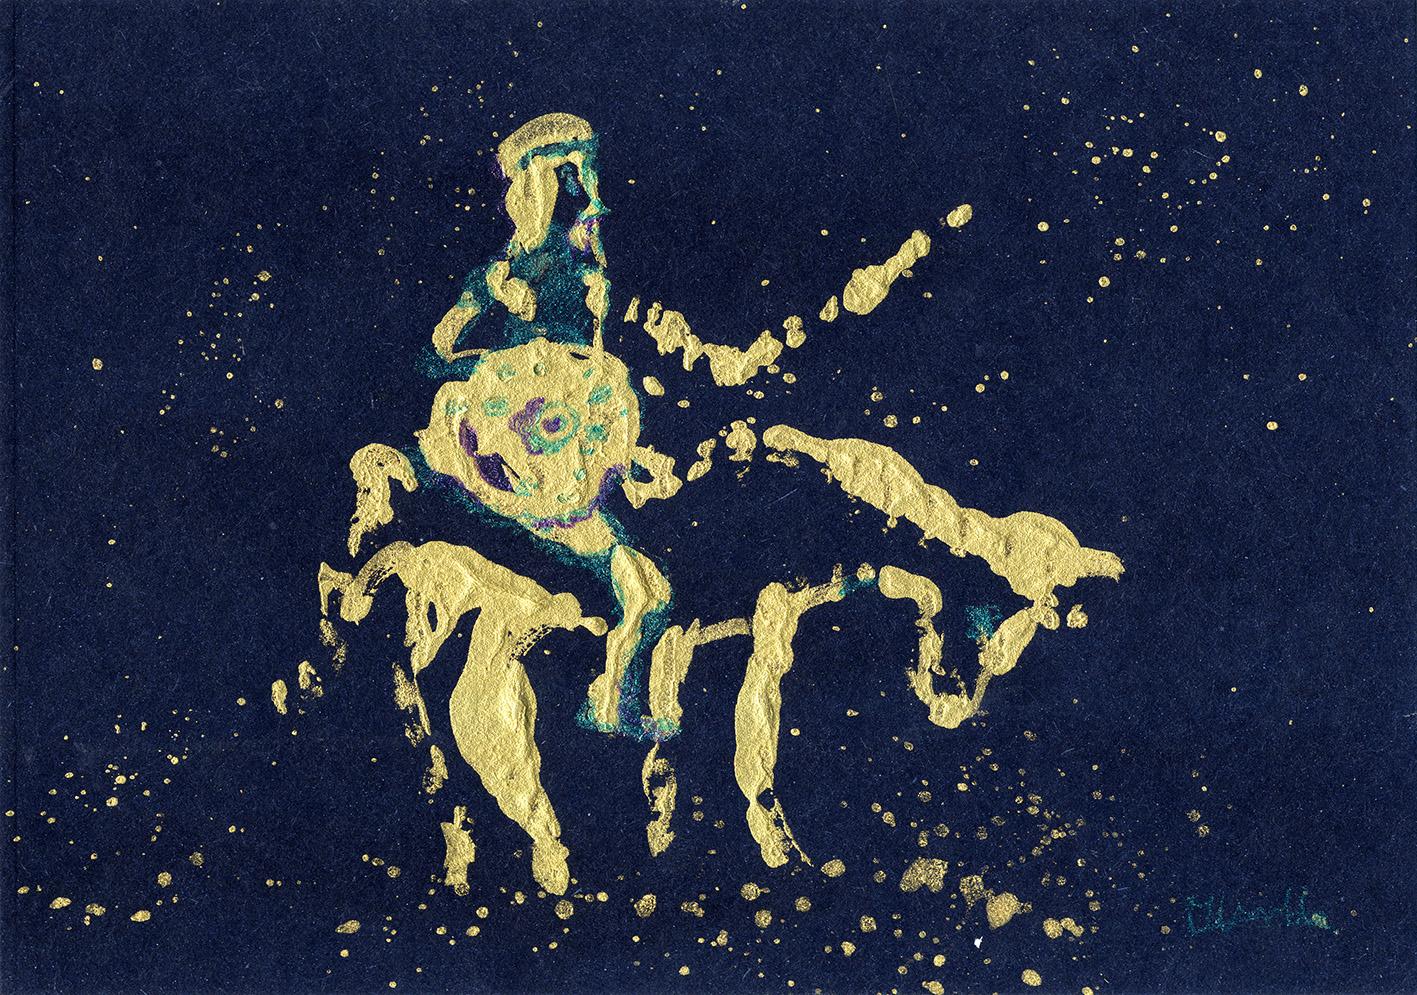 L'ingénieux idalgo Don Quichotte 2